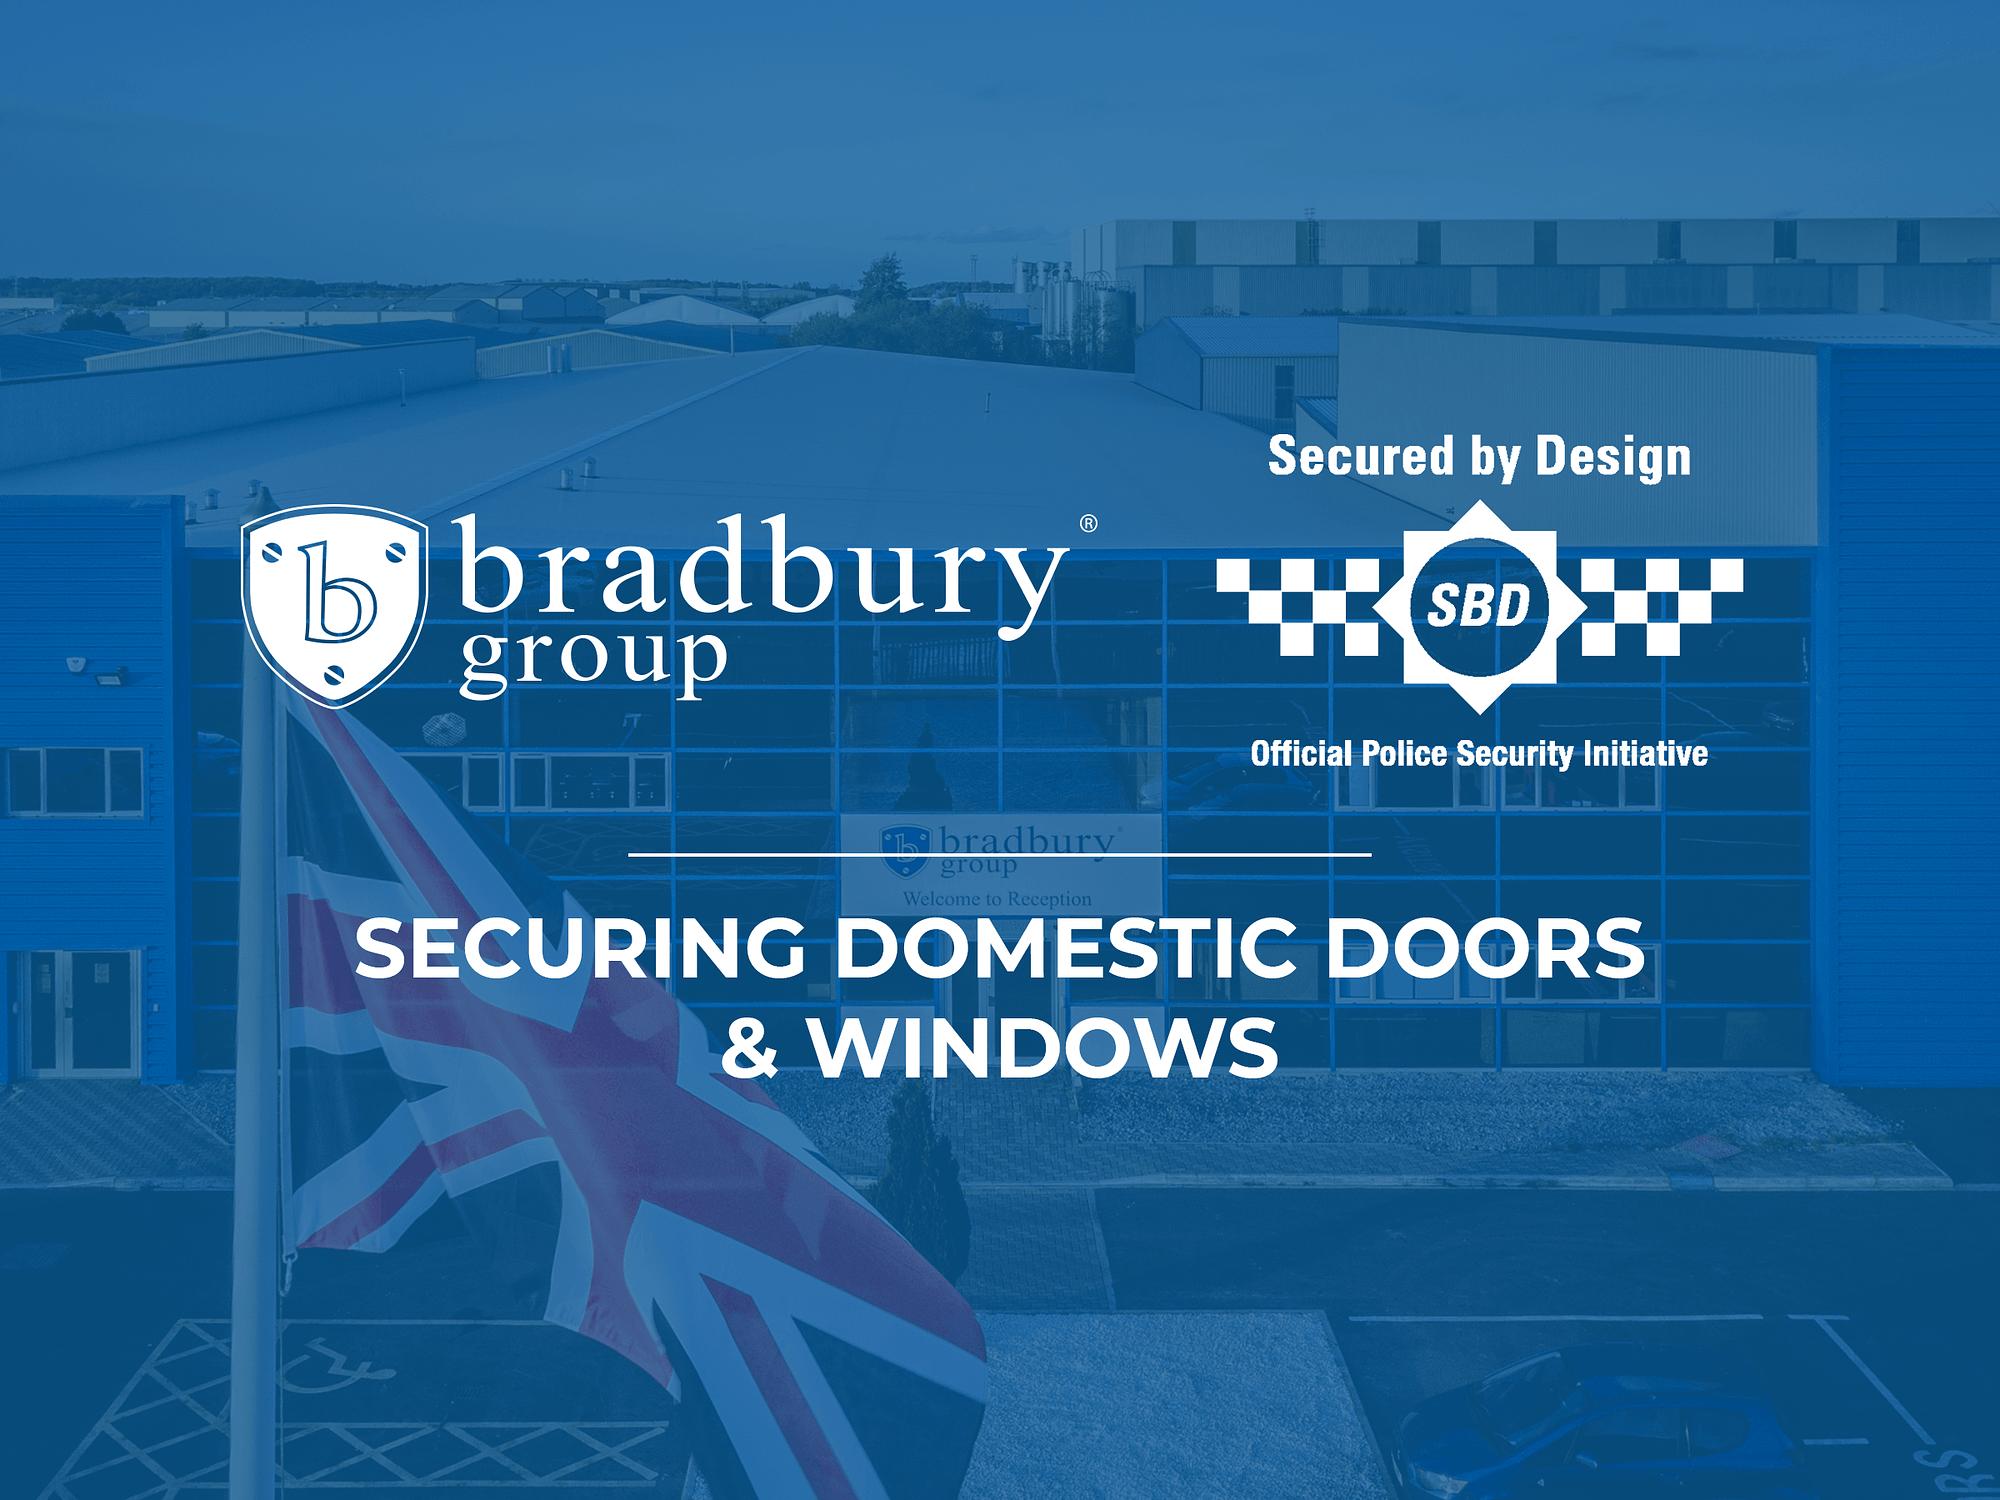 steel security doors, steel door manufacturer, steel doors